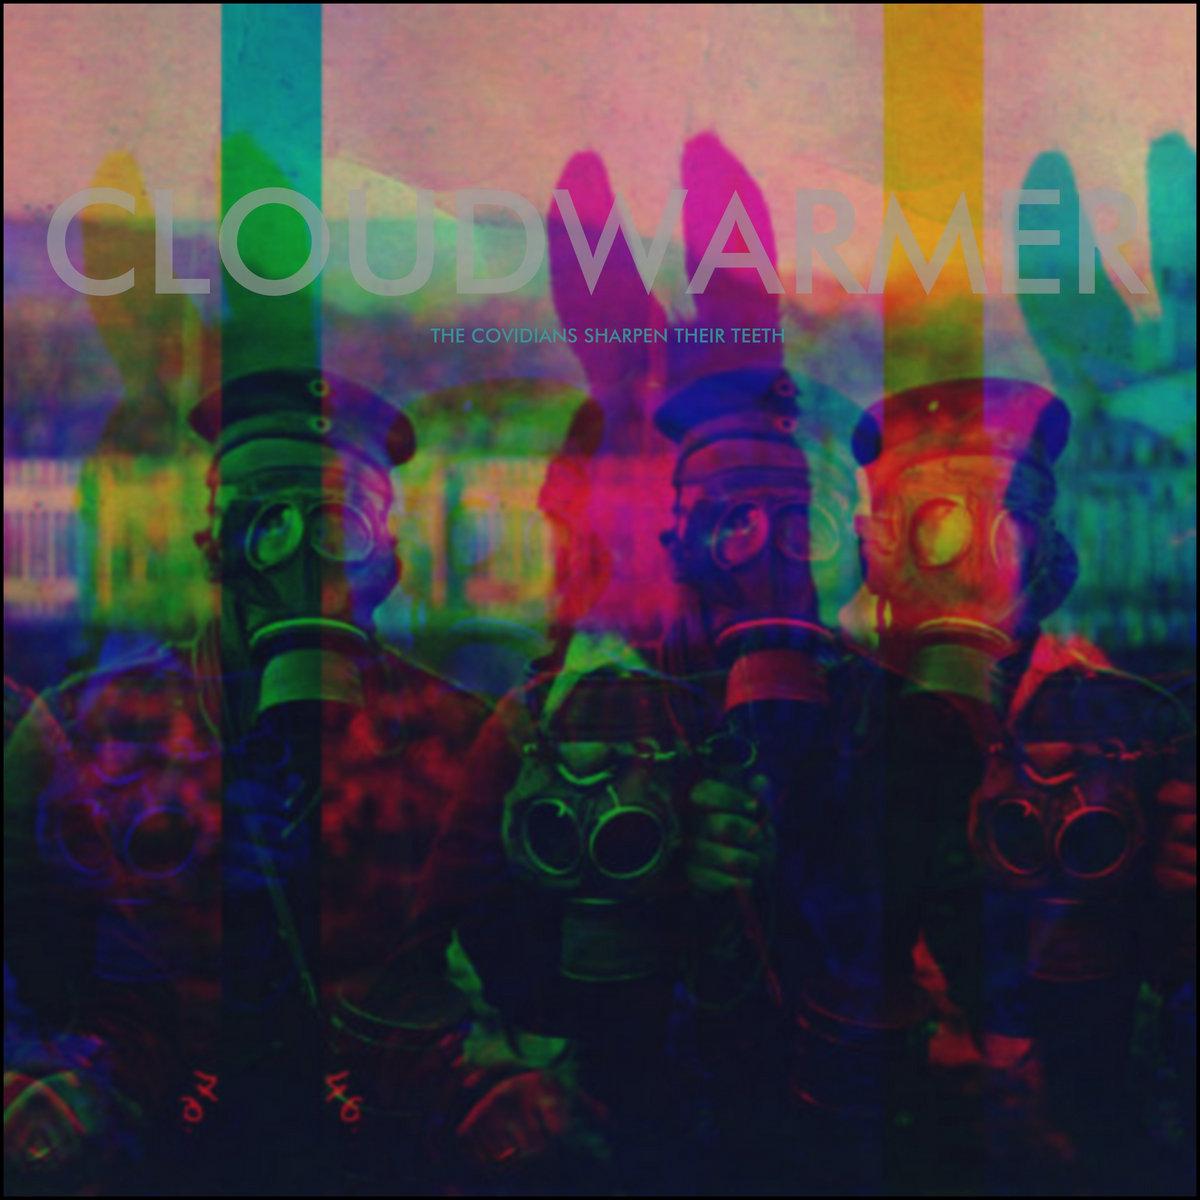 CLOUDWARMER – The Covidians Sharpen Their Teeth